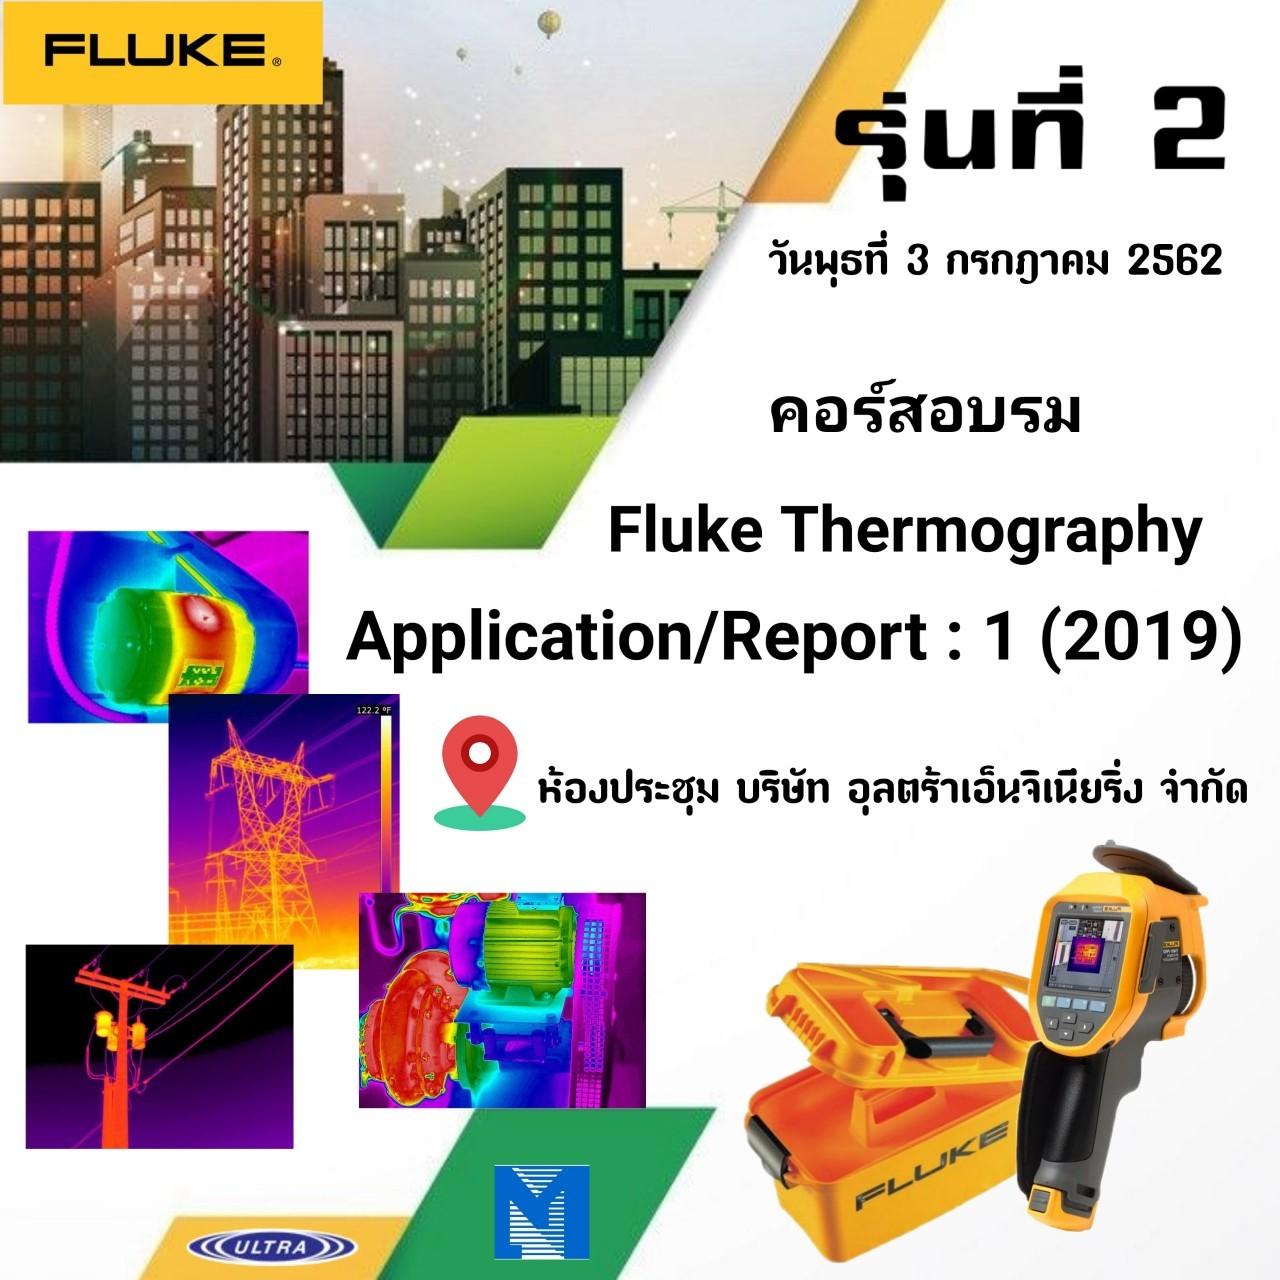 ประมวลภาพรุ่นที่ 2 สัมมนาเชิงปฏิบัติการเรื่อง Fluke Thermography Application Report 1